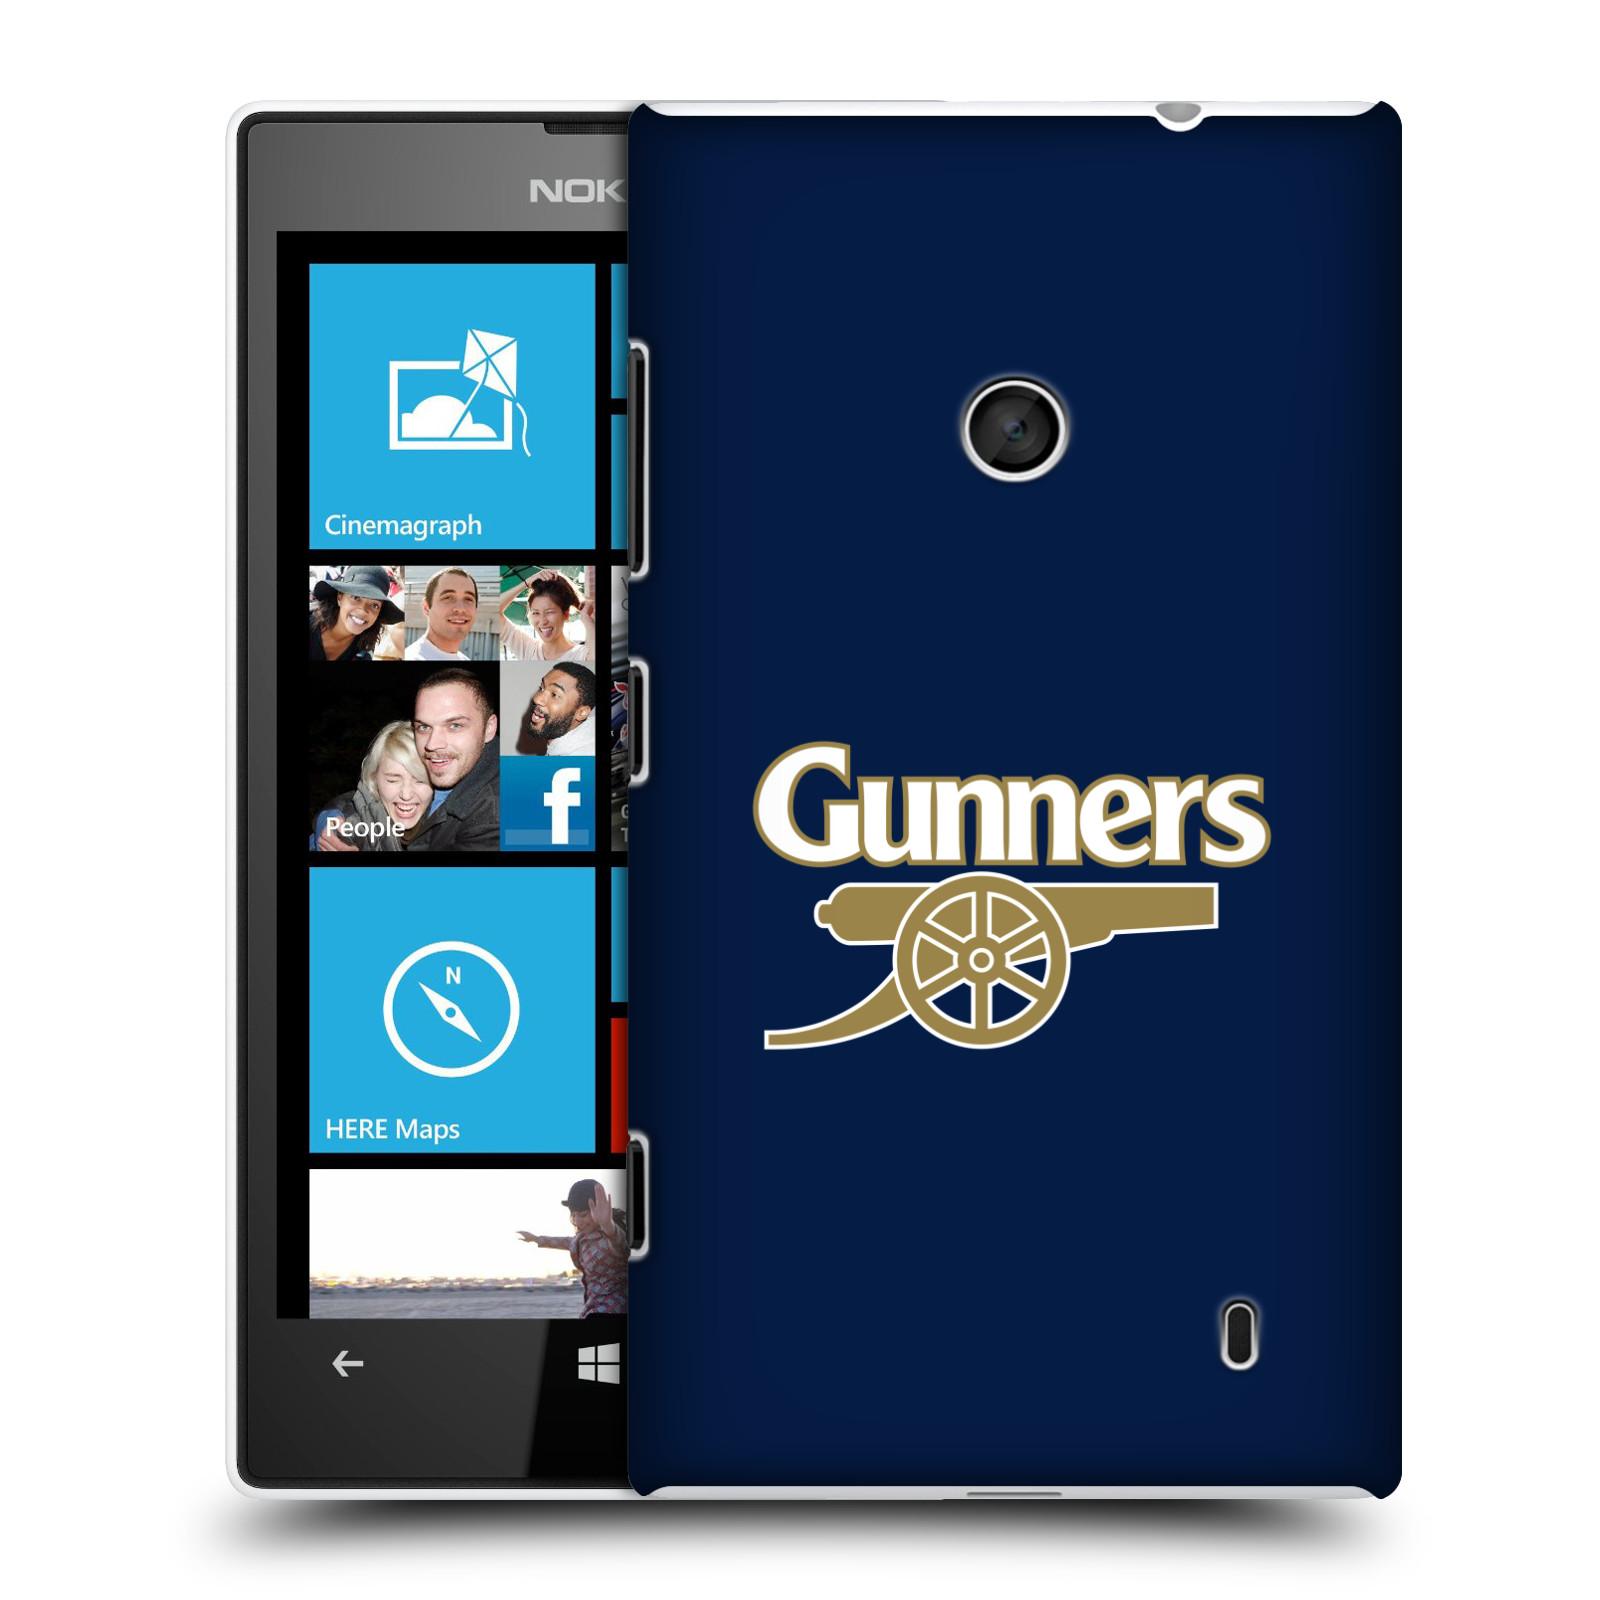 Plastové pouzdro na mobil Nokia Lumia 520 - Head Case - Arsenal FC - Gunners